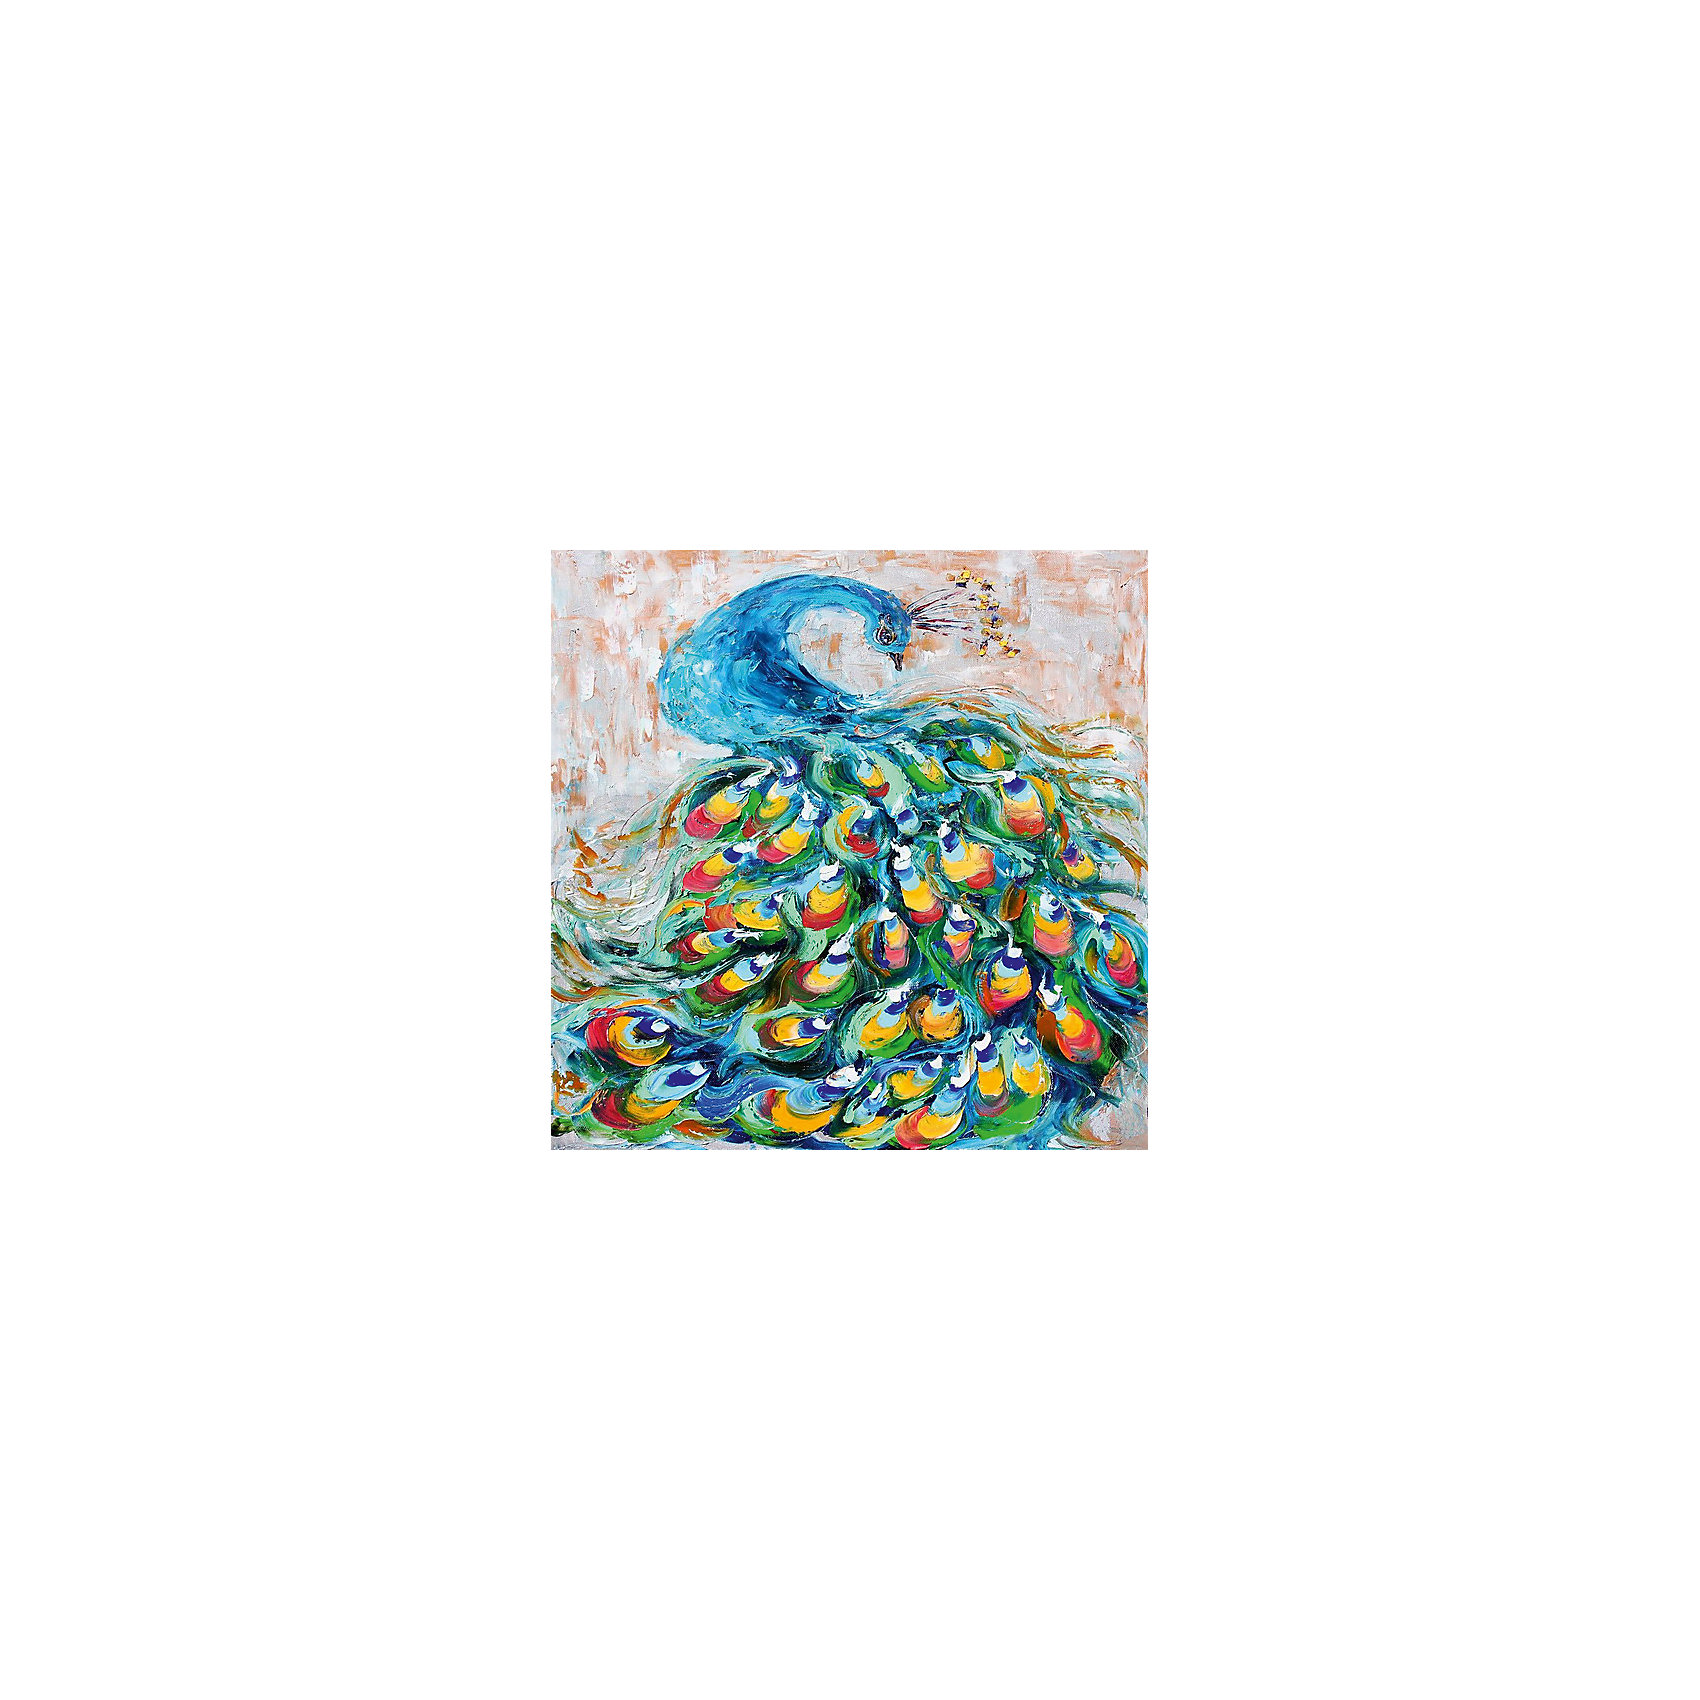 Картина - репродукция Павлин, Феникс-ПрезентКартина - репродукция Павлин, Феникс-Презент <br><br>Характеристики:<br><br>• масляная печать на холсте<br>• дополнена ручной подрисовкой<br>• без рамки<br>• размер: 50х50х2,5 см<br><br>Картина-репродукция Павлин - прекрасный подарок для близкого человека. Она отлично впишется в интерьер помещения, добавит гармонии и внесет индивидуальность в атмосферу дома. Масляная печать на холсте дополняет ручная подрисовка красками. Размер картины - 50х50 сантиметров.<br><br>Картина - репродукция Павлин, Феникс-Презент вы можете купить в нашем интернет-магазине.<br><br>Ширина мм: 500<br>Глубина мм: 500<br>Высота мм: 250<br>Вес г: 355<br>Возраст от месяцев: -2147483648<br>Возраст до месяцев: 2147483647<br>Пол: Унисекс<br>Возраст: Детский<br>SKU: 5449543